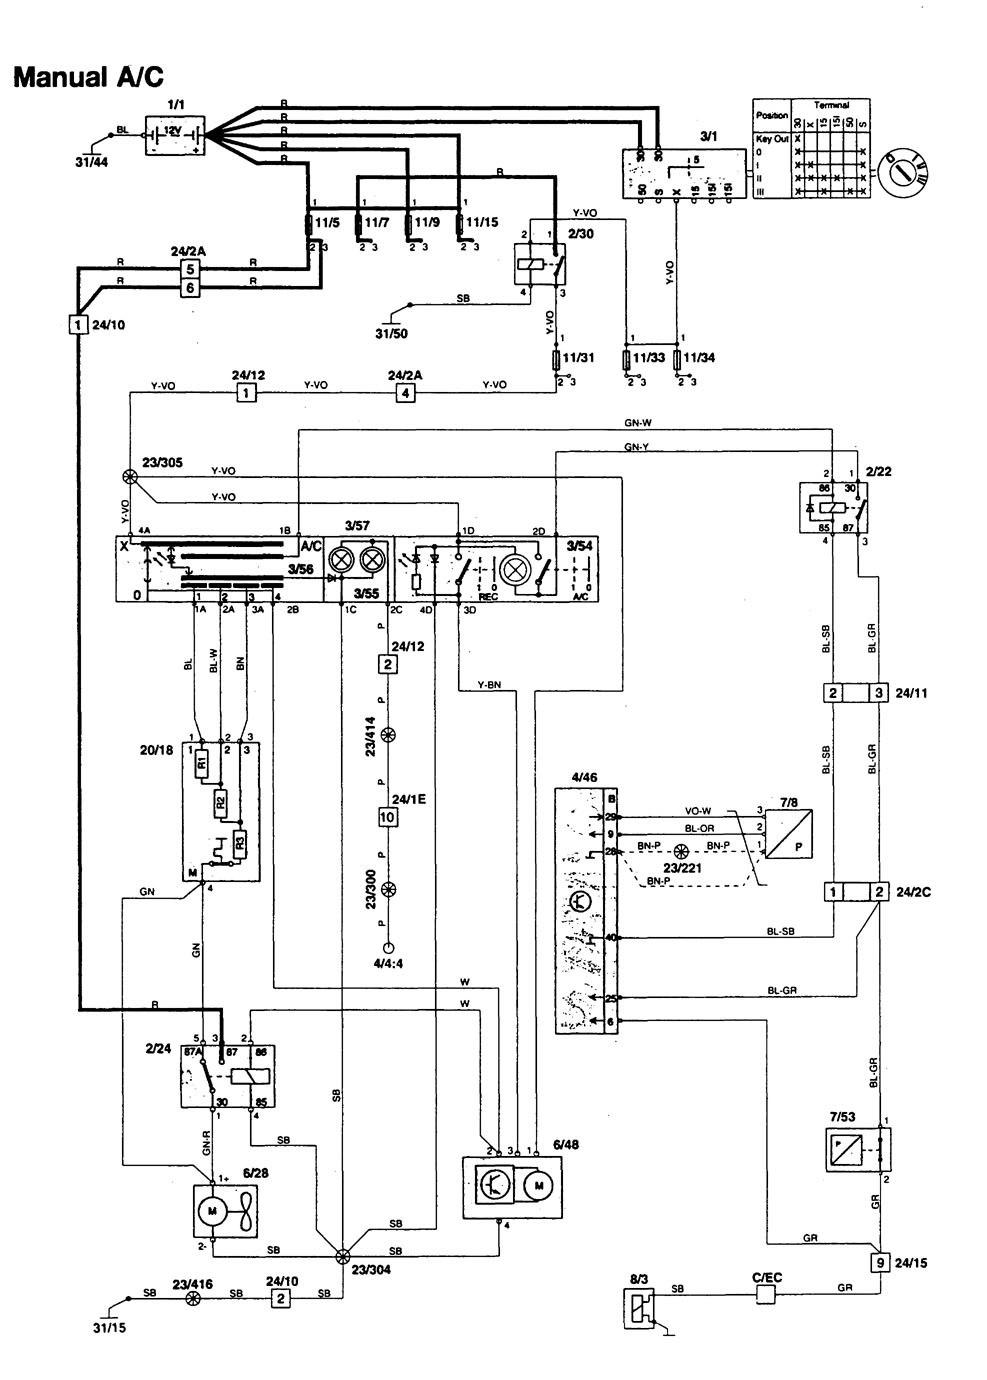 1997 Volvo 850 Serpentine Belt Diagram Schematics Wiring Diagrams Also 2004 Xc90 On 98 S70 Engine U2022 Rh Parntesis Co Ford Taurus Custom